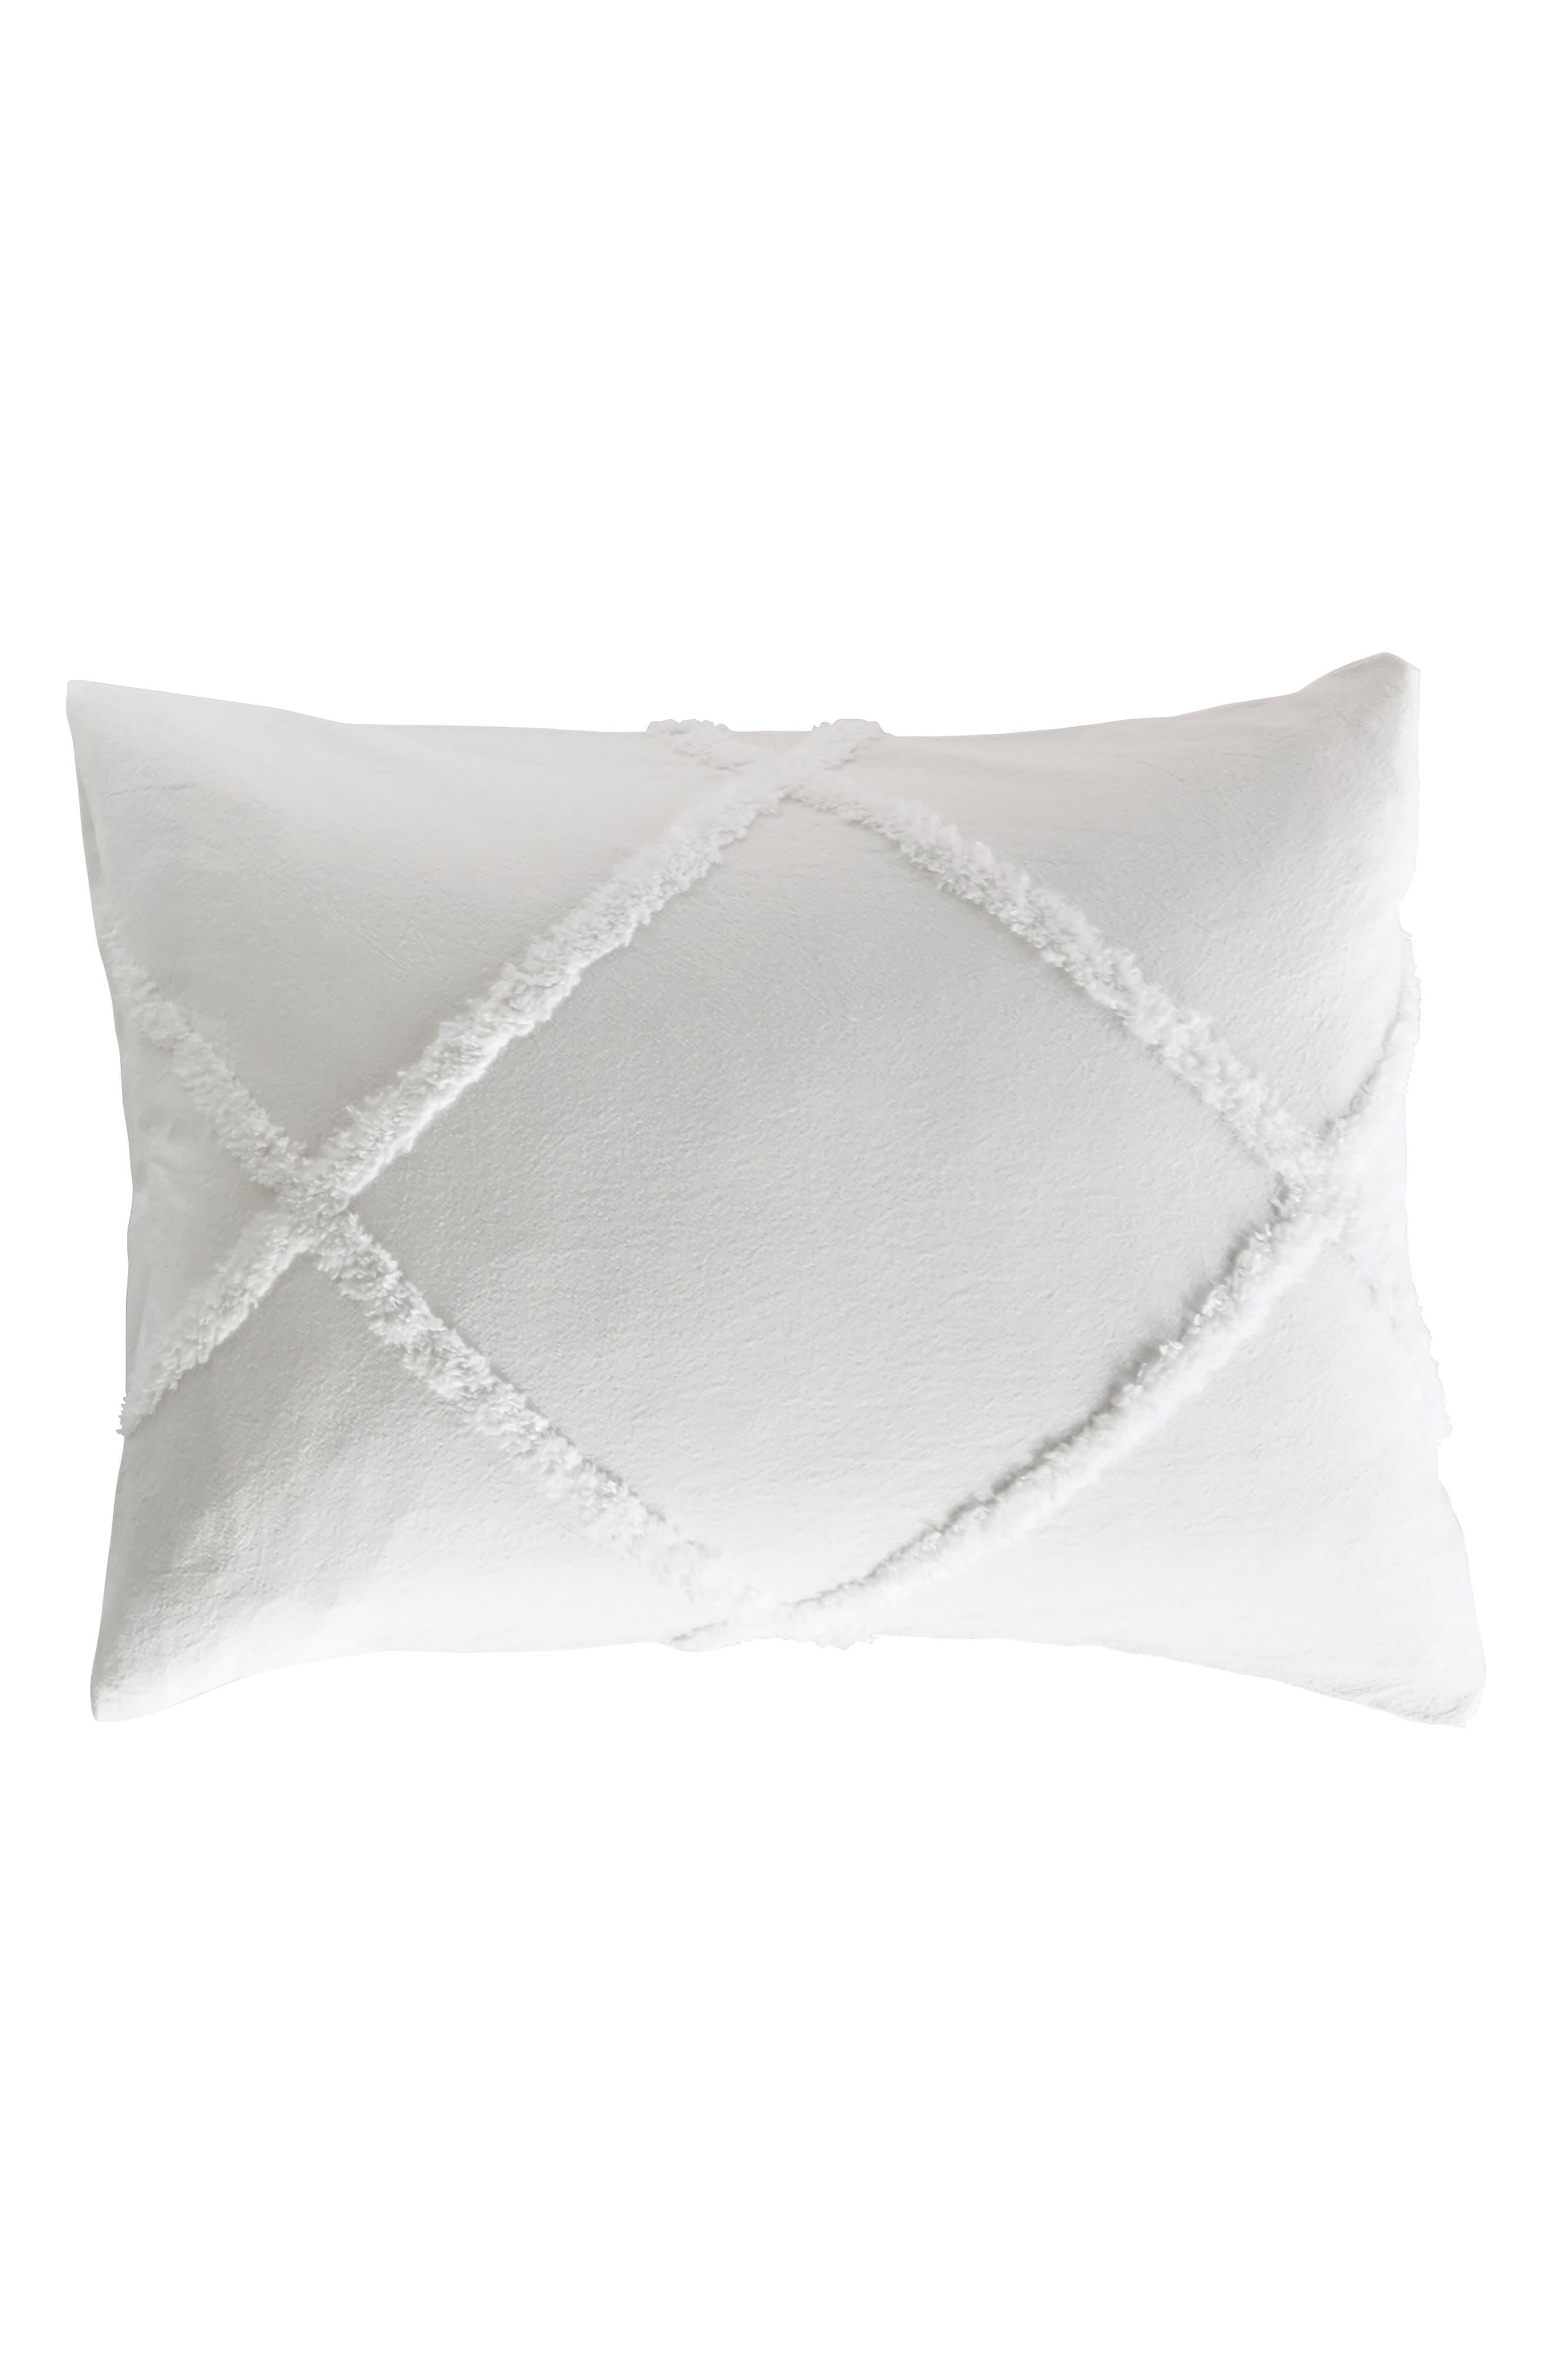 Chenille Lattice Sham,                         Main,                         color, White